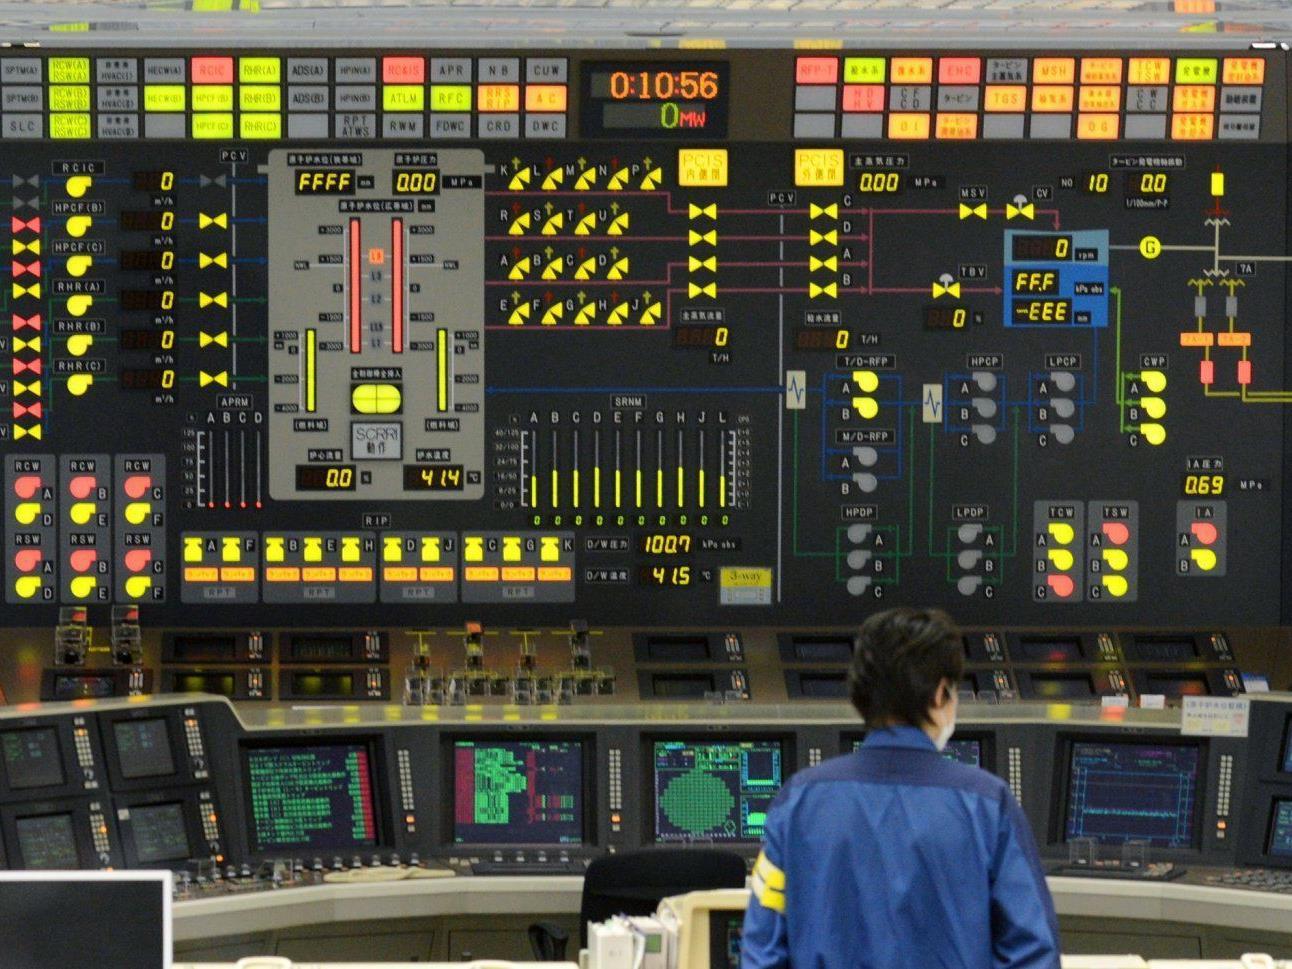 Der Betreiberkonzern Tepco fuhr am Montag den Reaktor Nummer 6 im Atomkraftwerk Kashiwazaki-Kariwa in der Provinz Niigata zur regulären Wartung herunter.